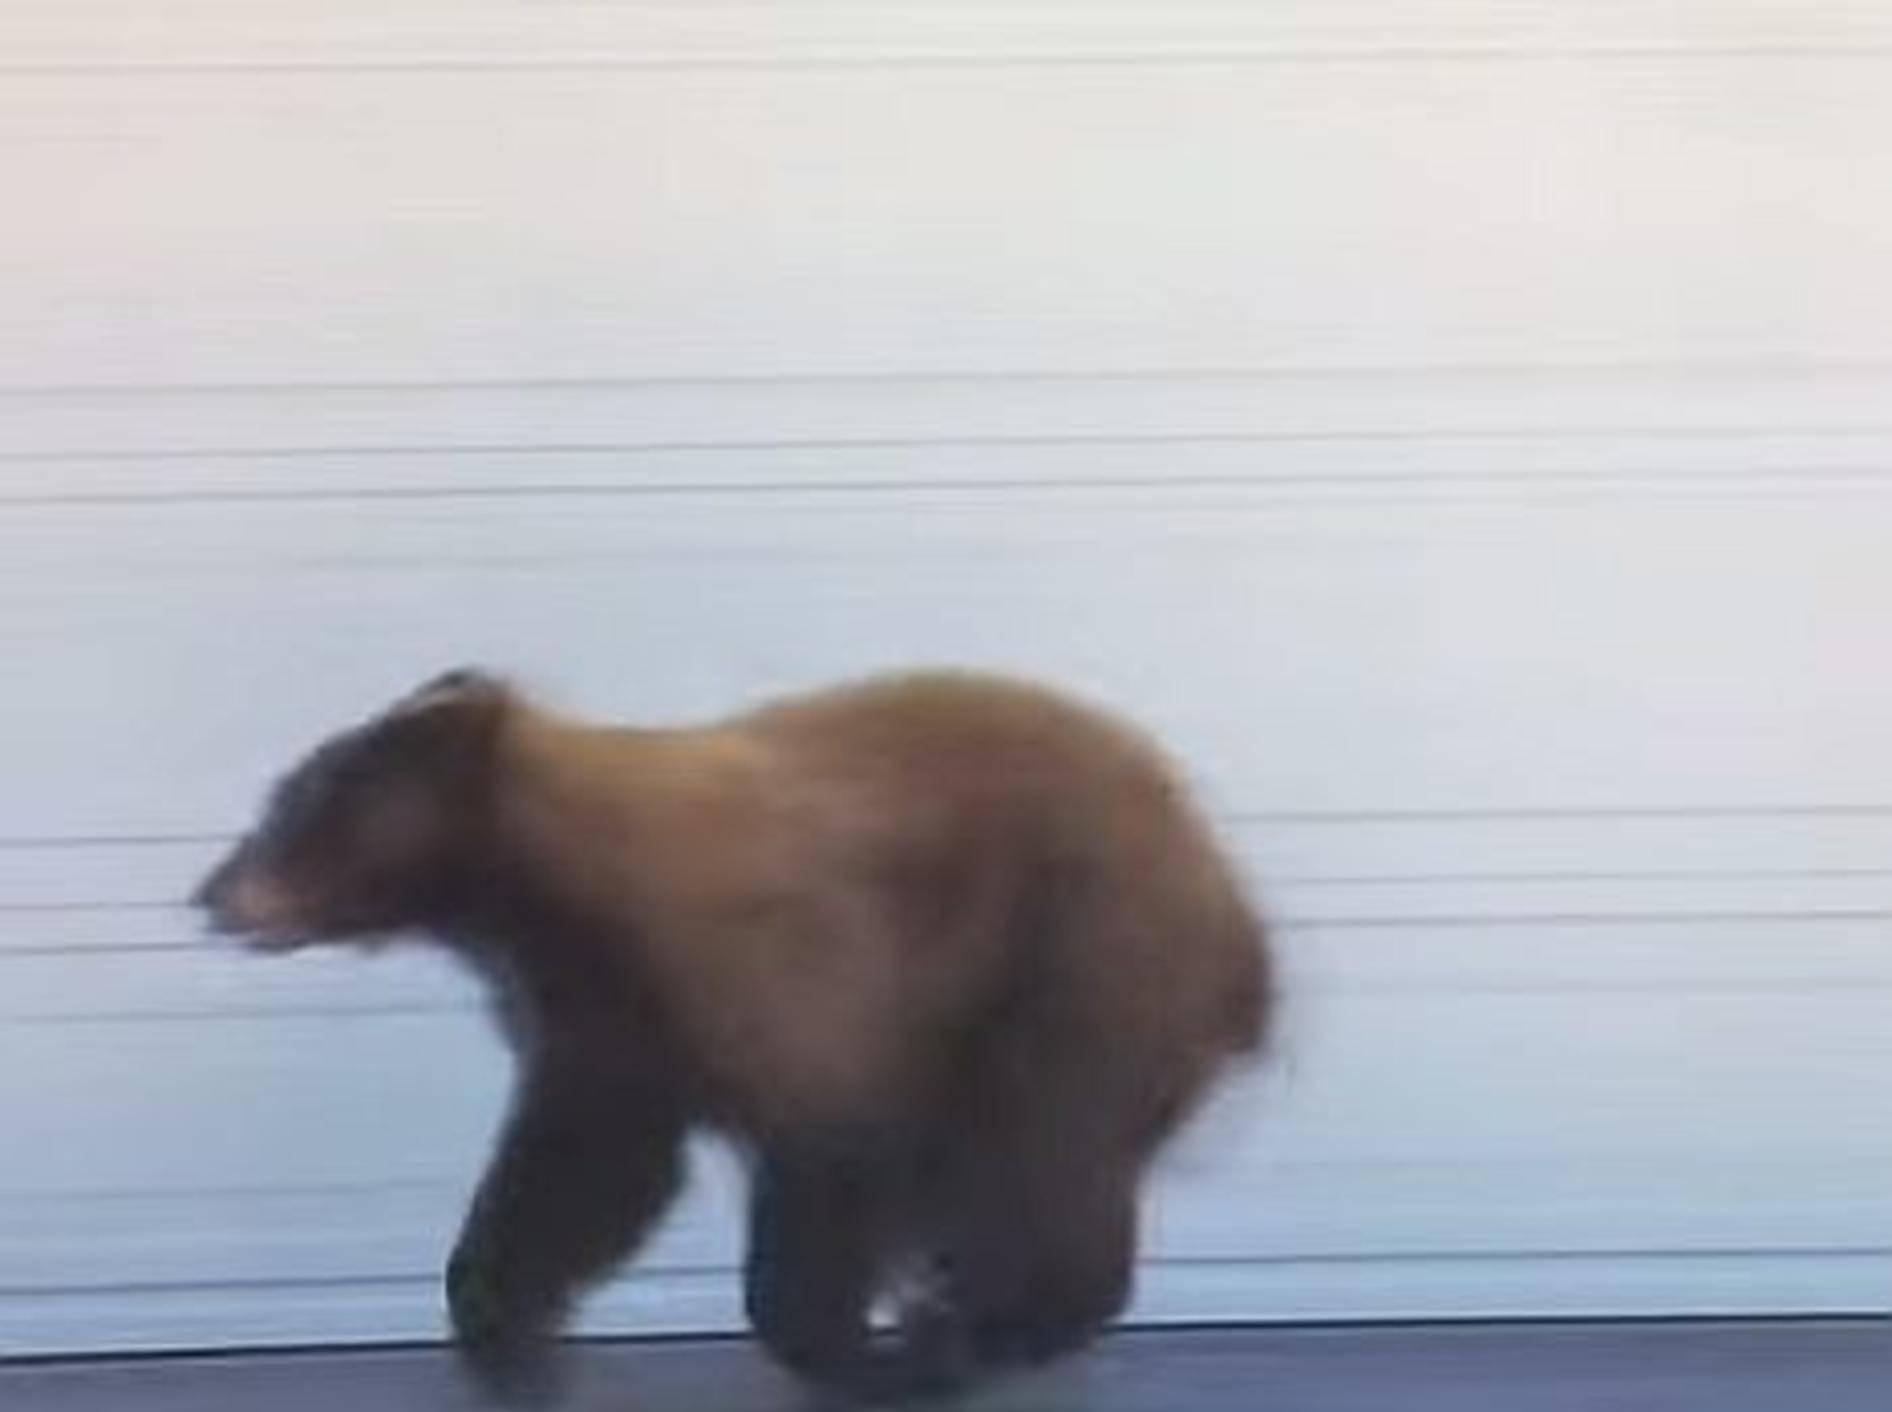 Babybär trifft Mensch: Was passiert? – Bild: Youtube / iksnyrk